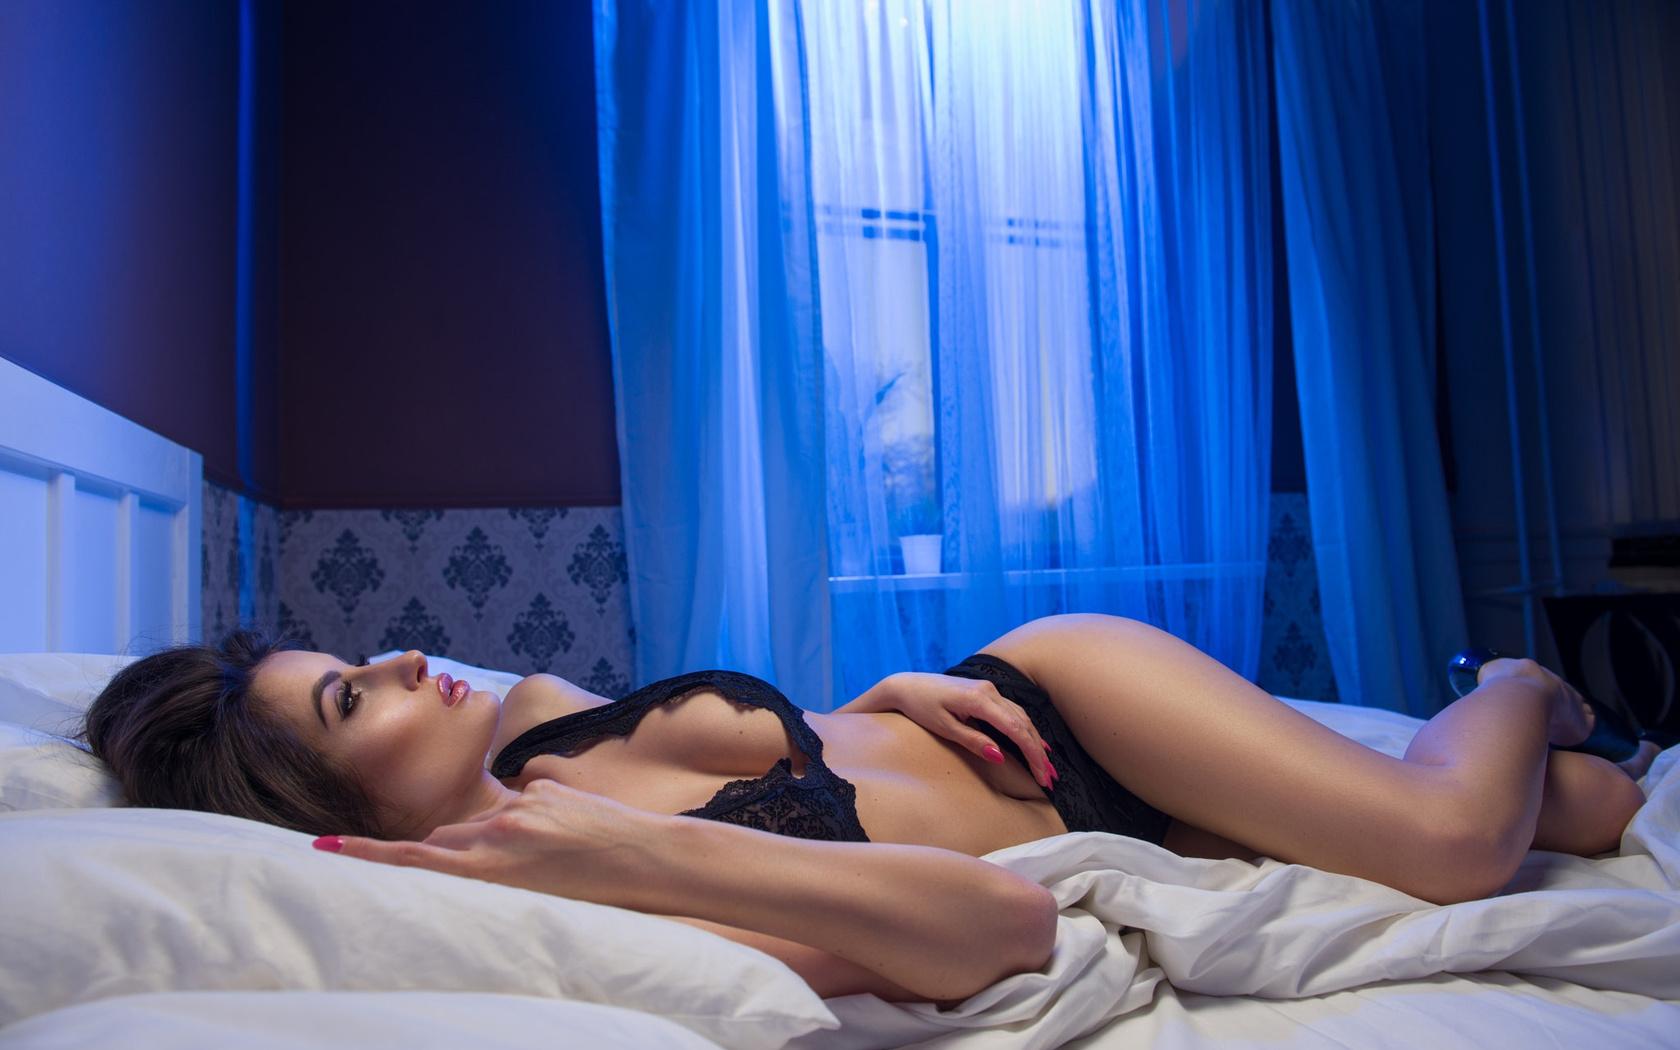 Девушка фото картинка на кровати